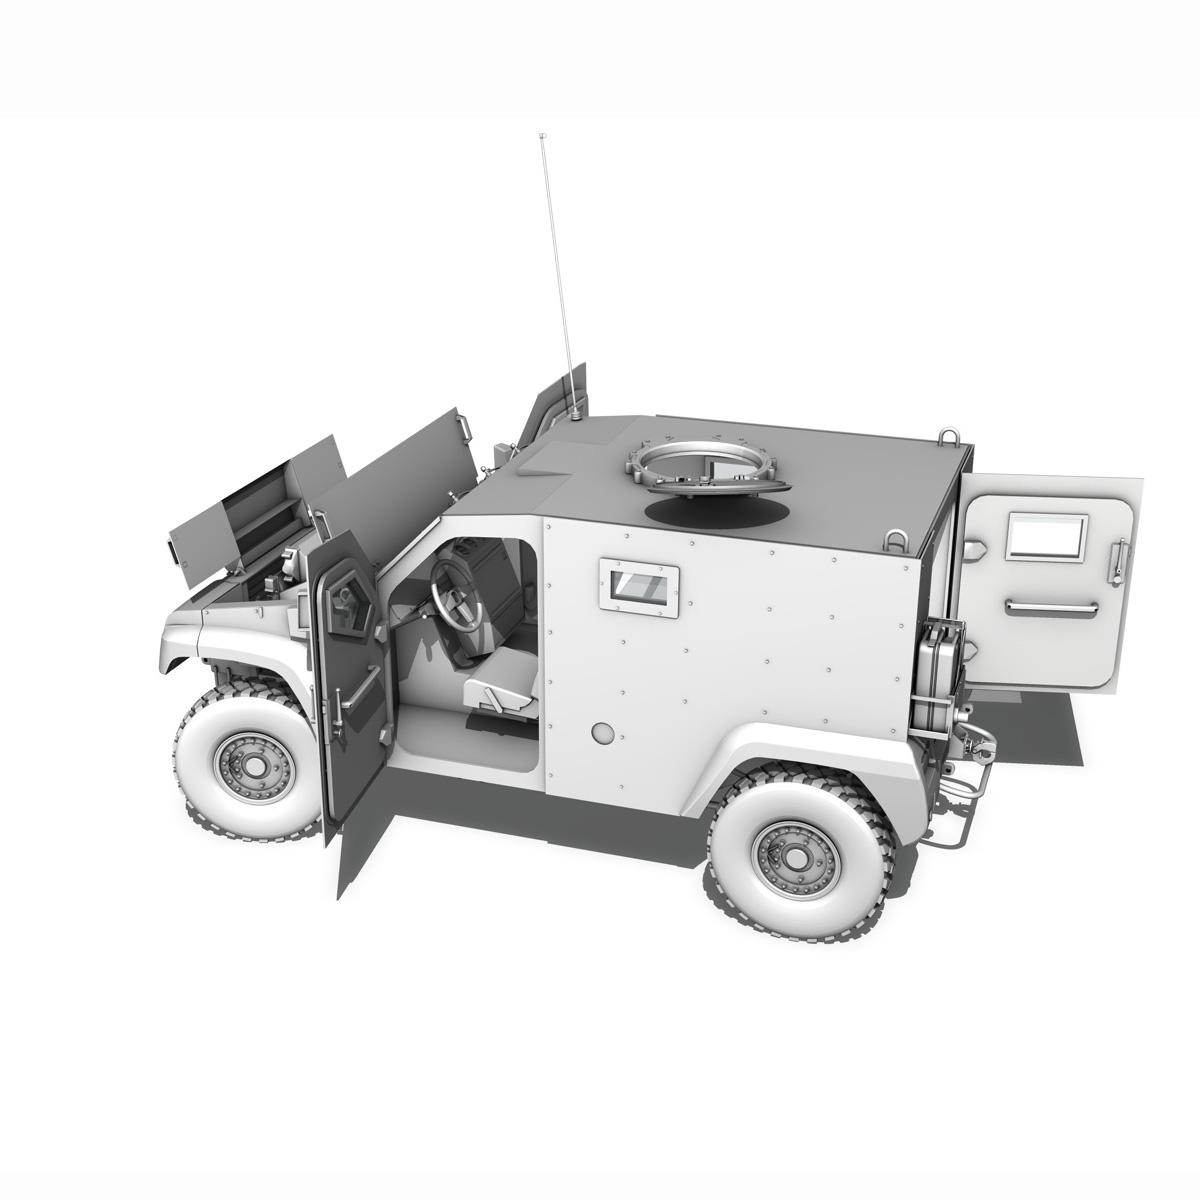 auverland panhard pvp – petit vehicule protege 3d model 3ds fbx c4d lwo obj 190132